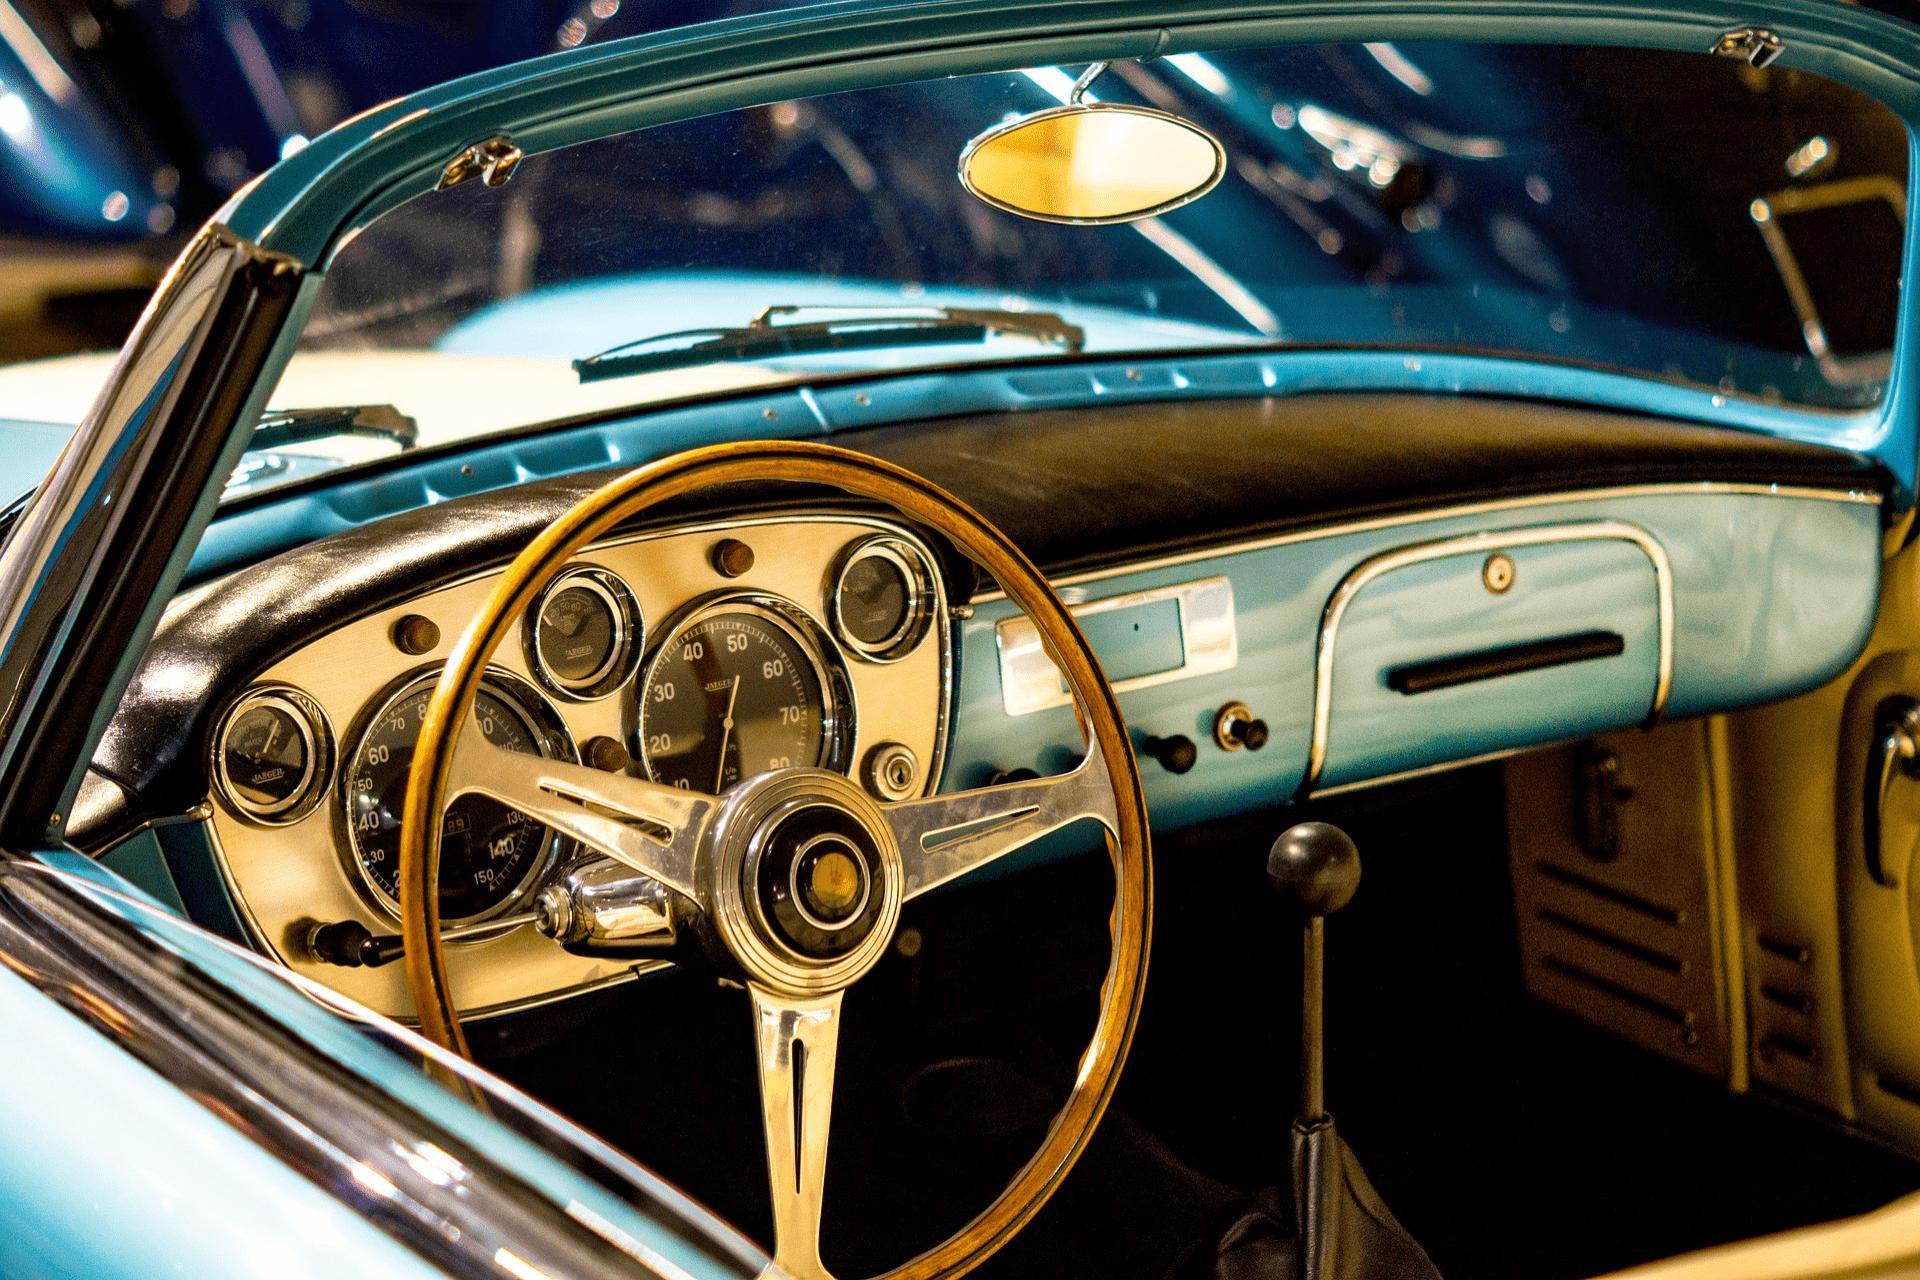 Rengjøring av bil